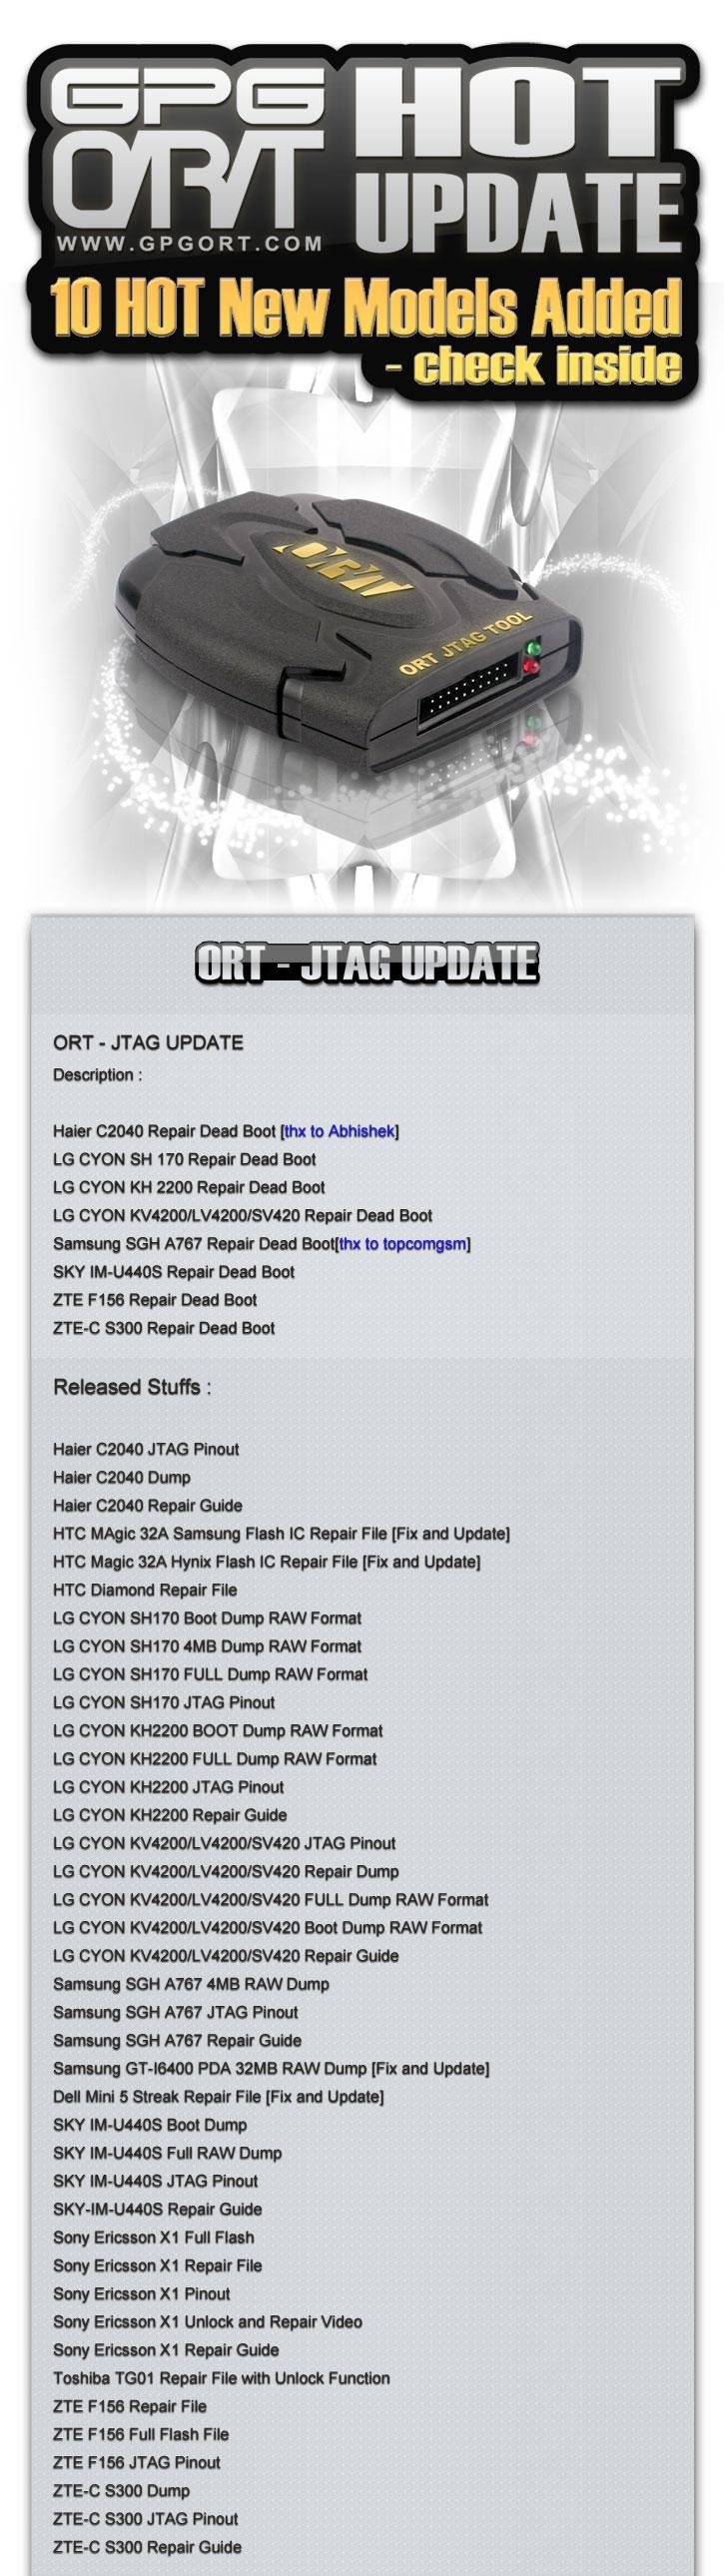 2011 05 19 ORT JTAG update 725 01